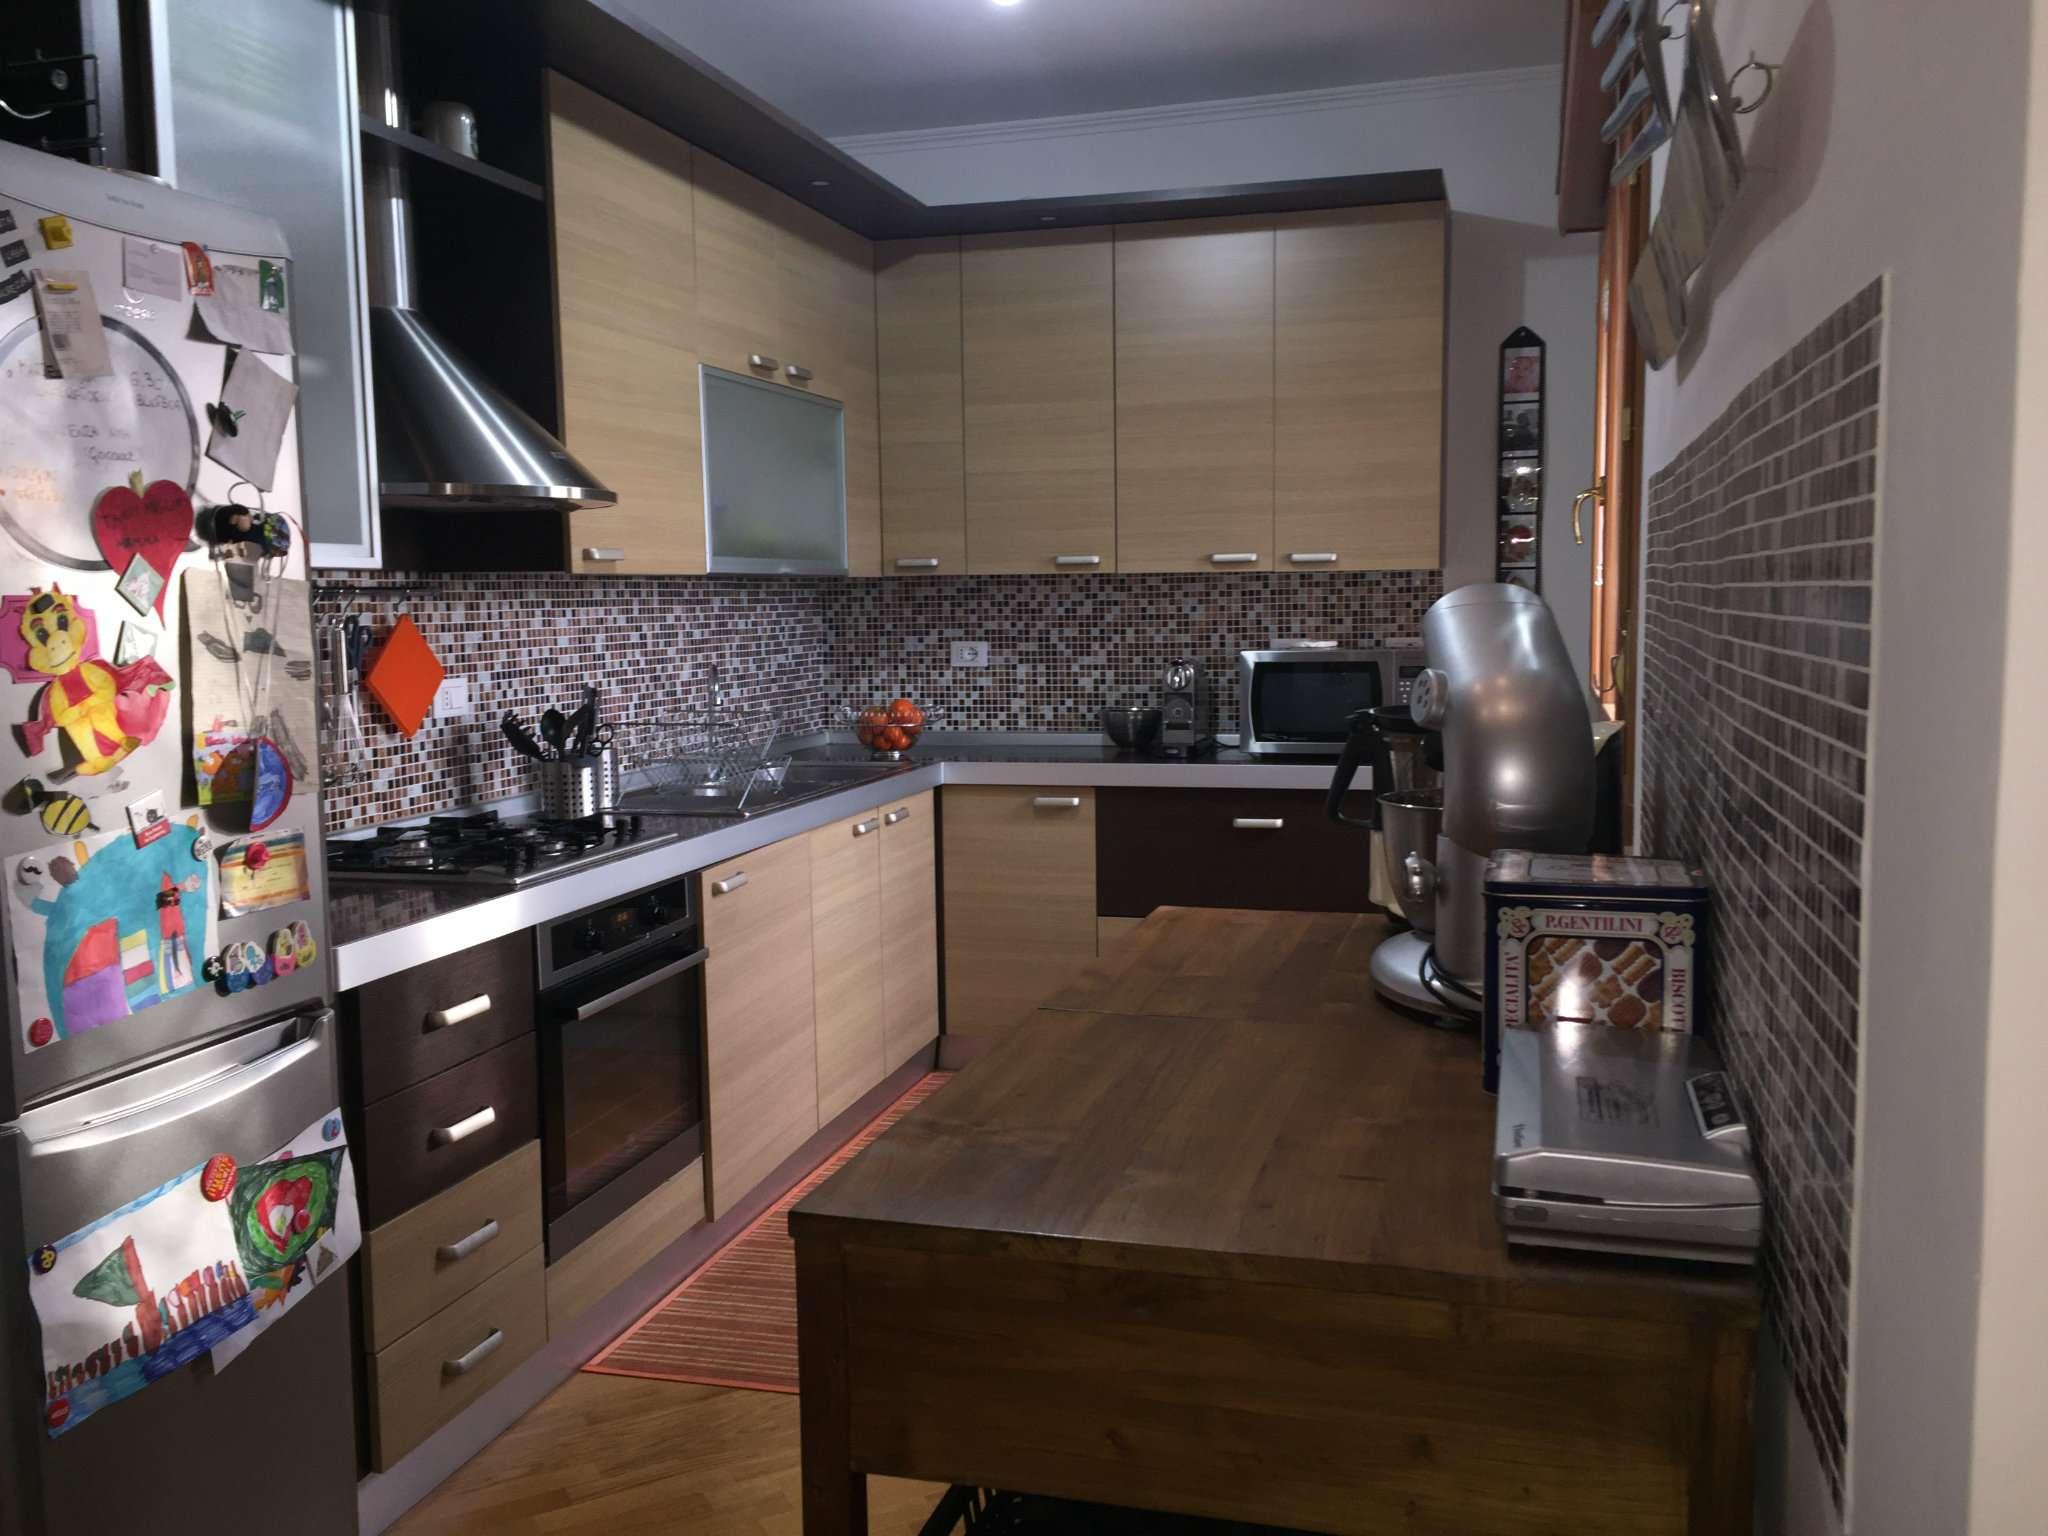 Attico / Mansarda in affitto a Roma, 3 locali, zona Zona: 24 . Gianicolense - Colli Portuensi - Monteverde, prezzo € 1.100 | Cambio Casa.it